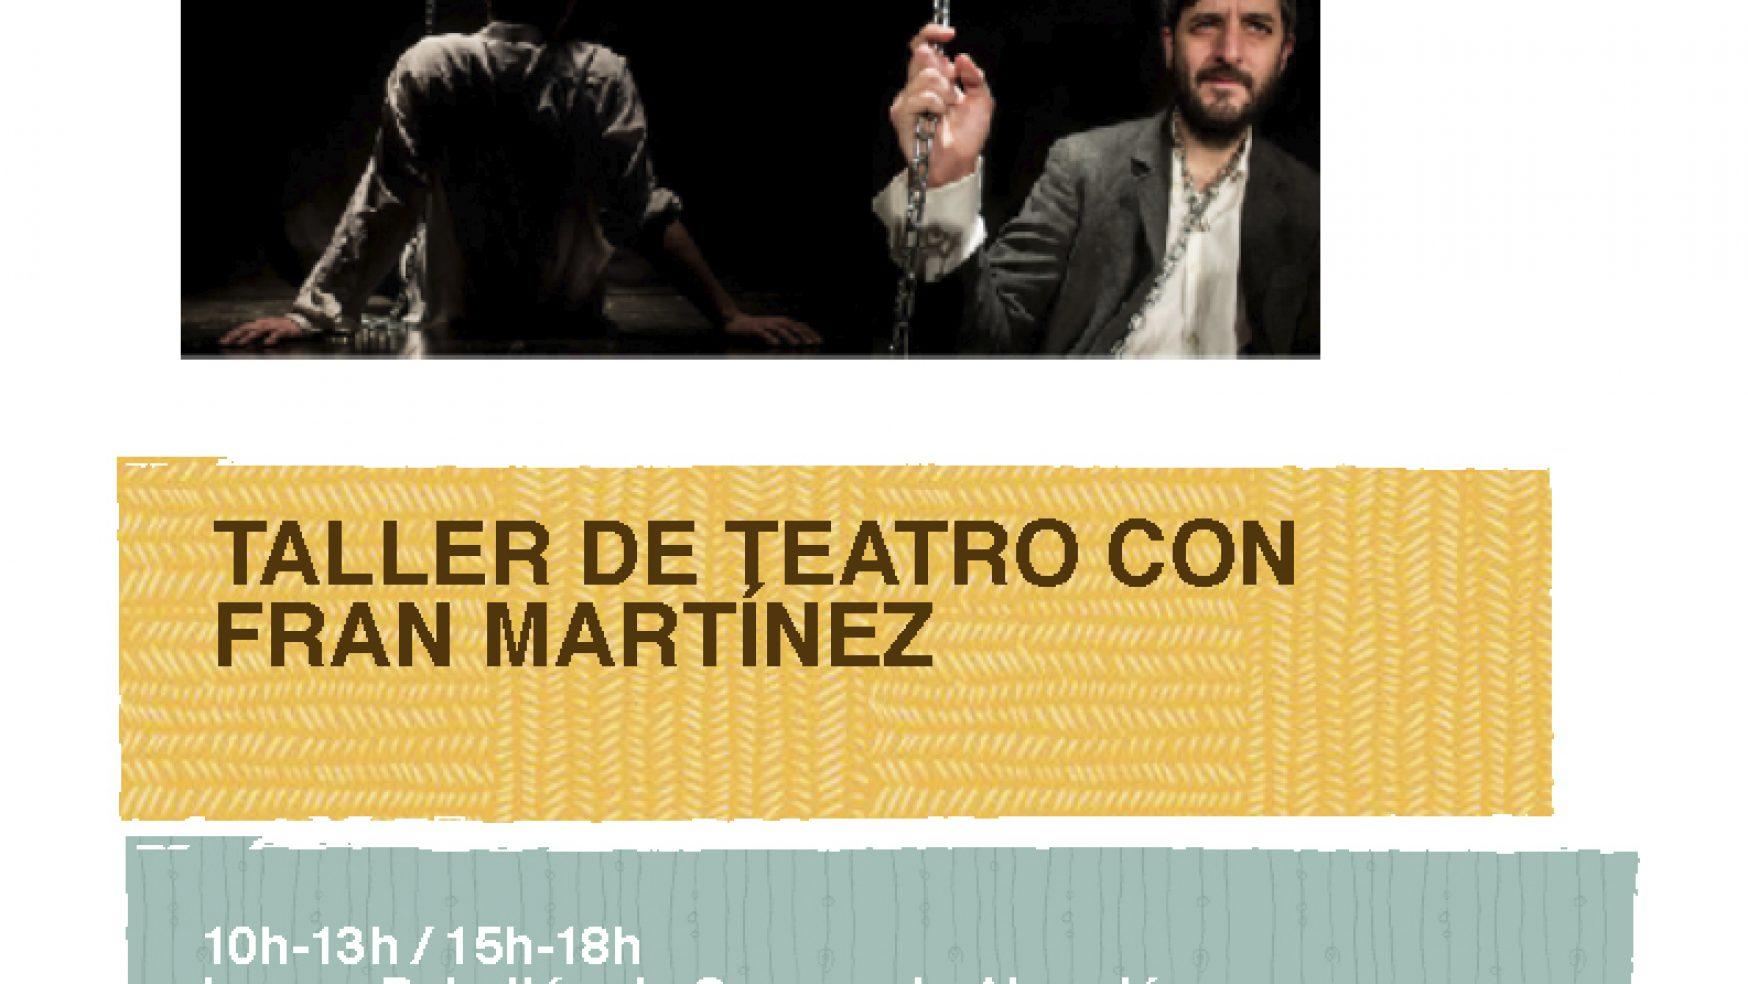 Taller de teatro con Fran Martínez